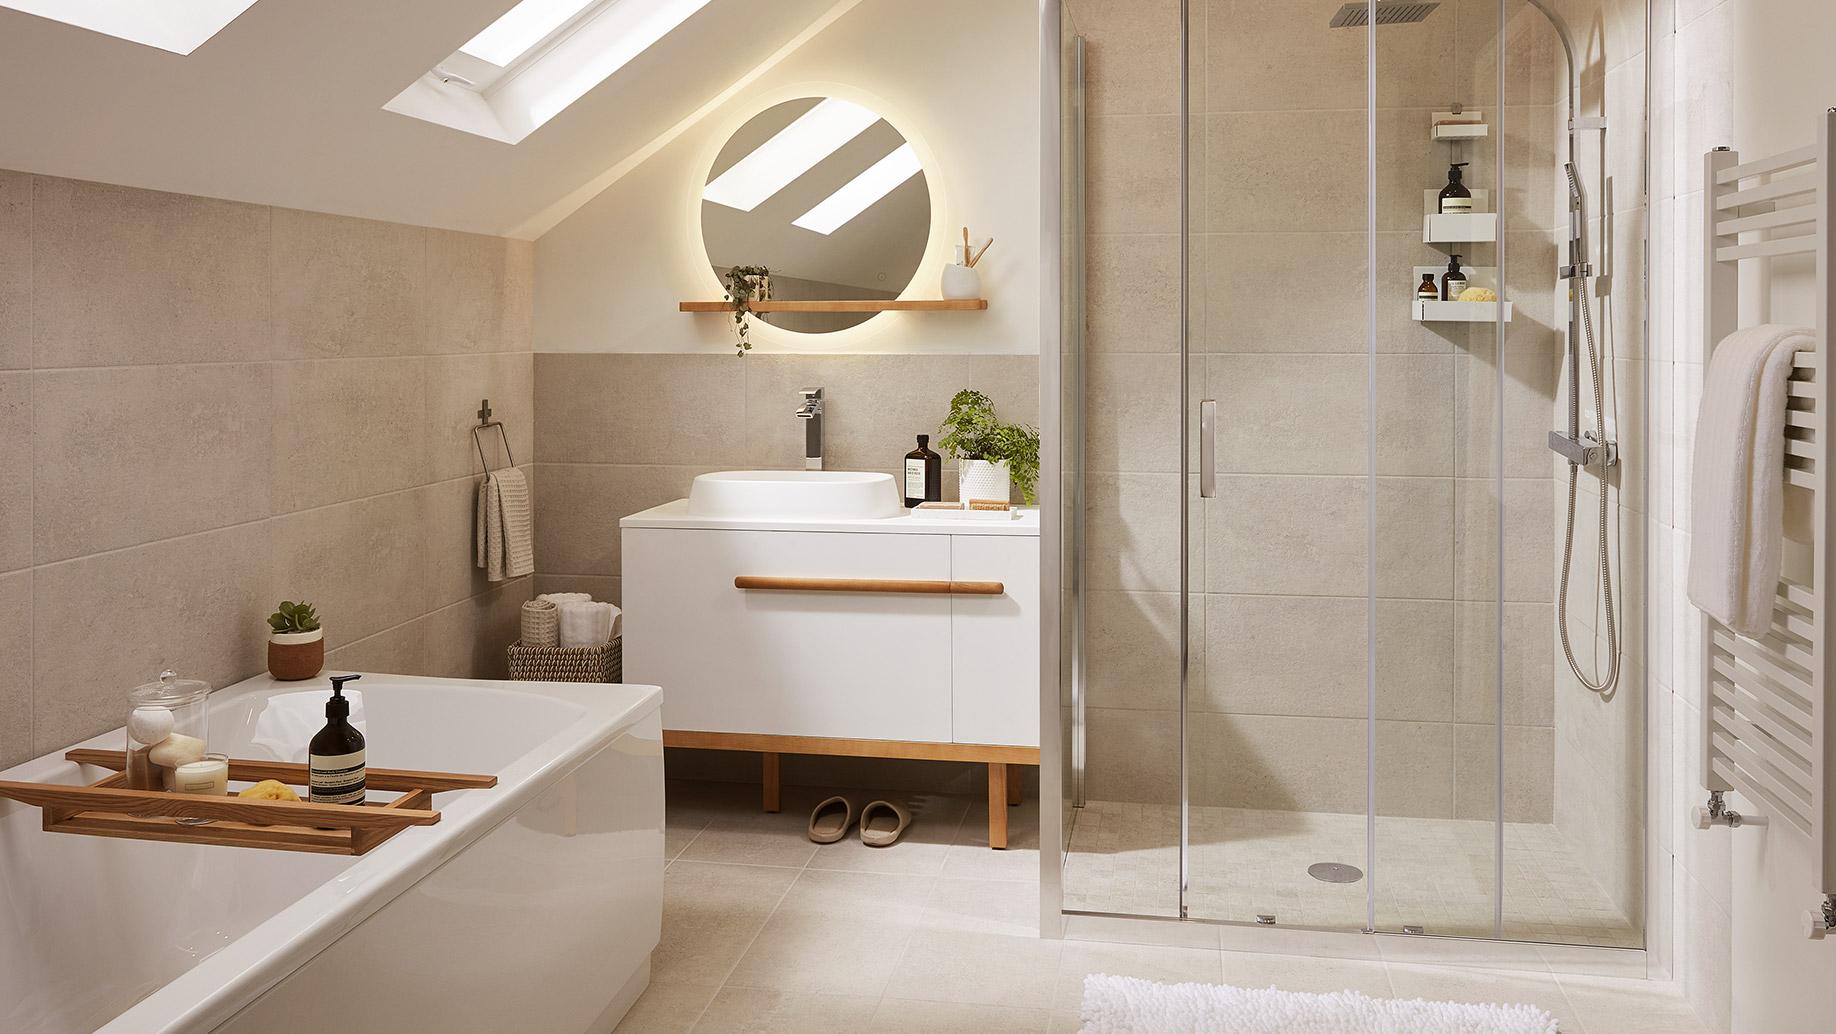 Cambia la mampara de la ducha en 15 sencillos pasos